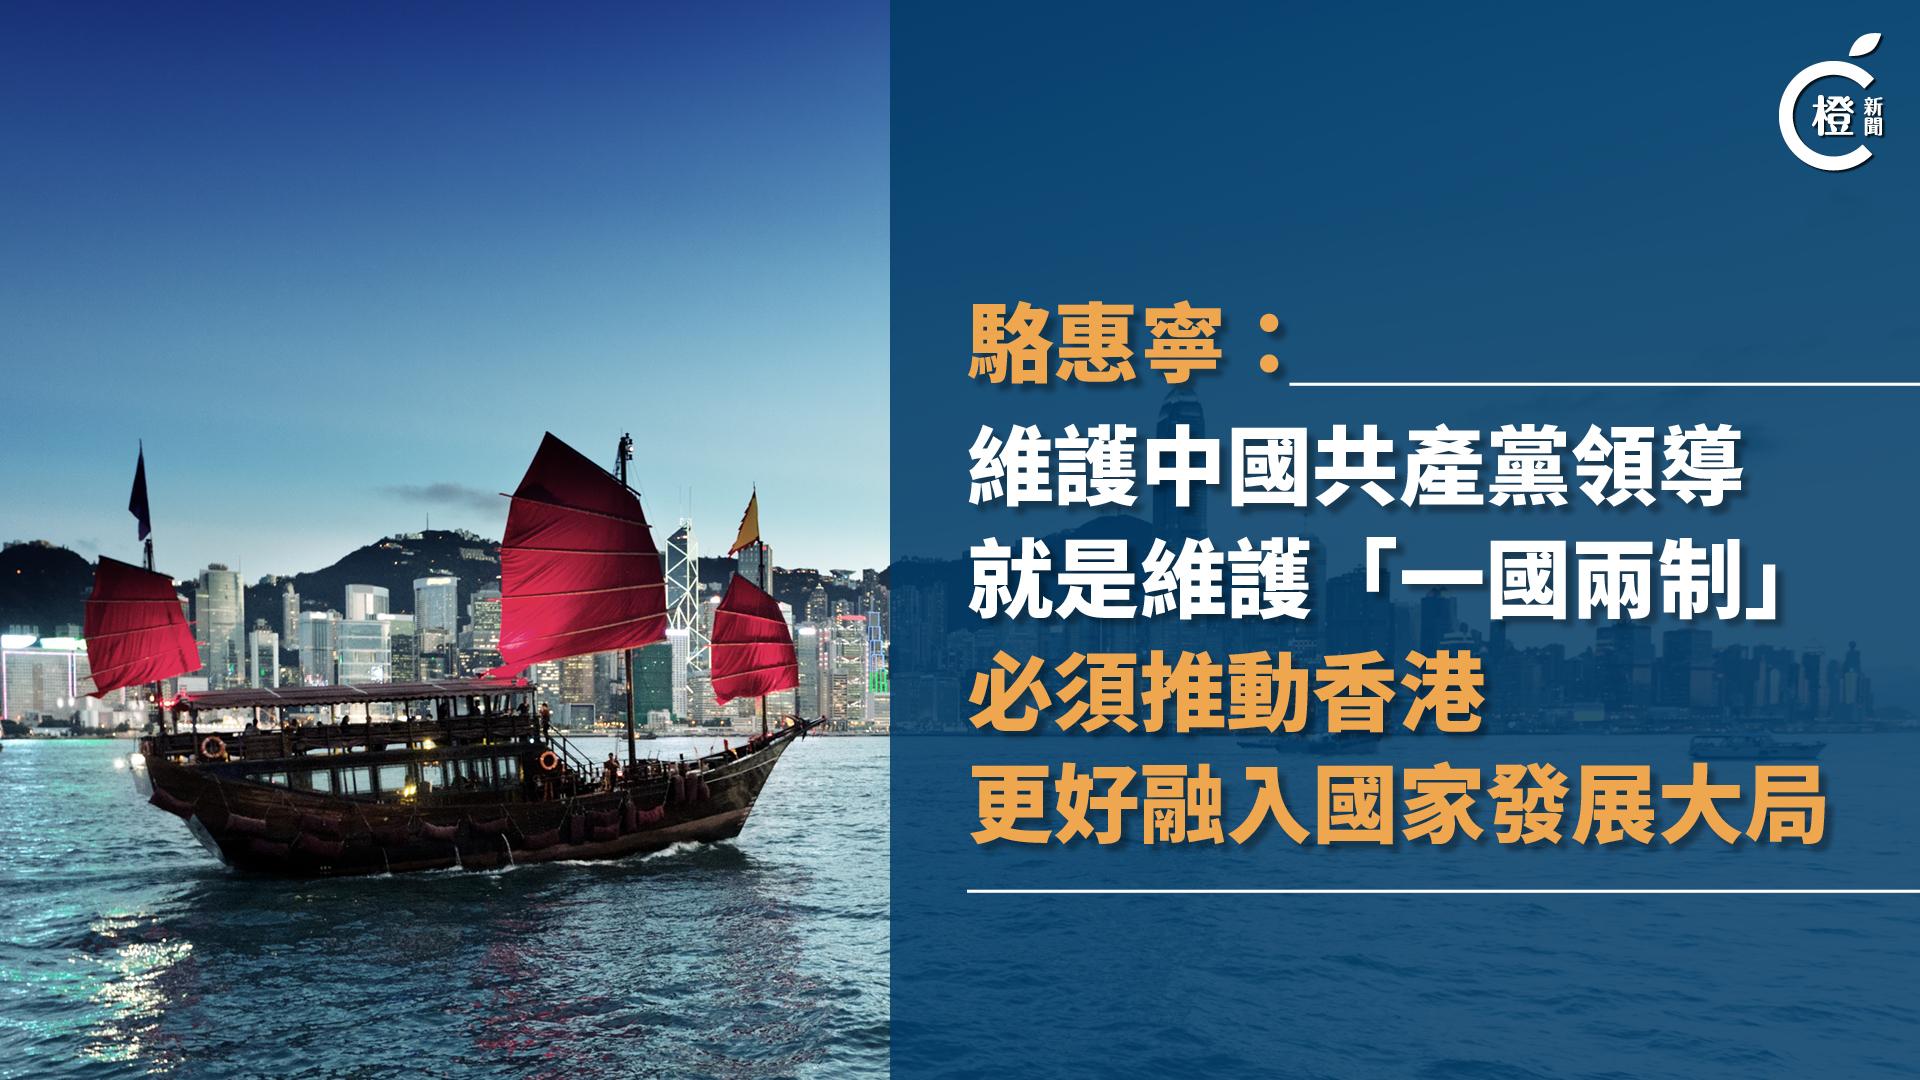 【一圖睇晒】關於推進「一國兩制」事業 駱惠寧談了三個「必須」